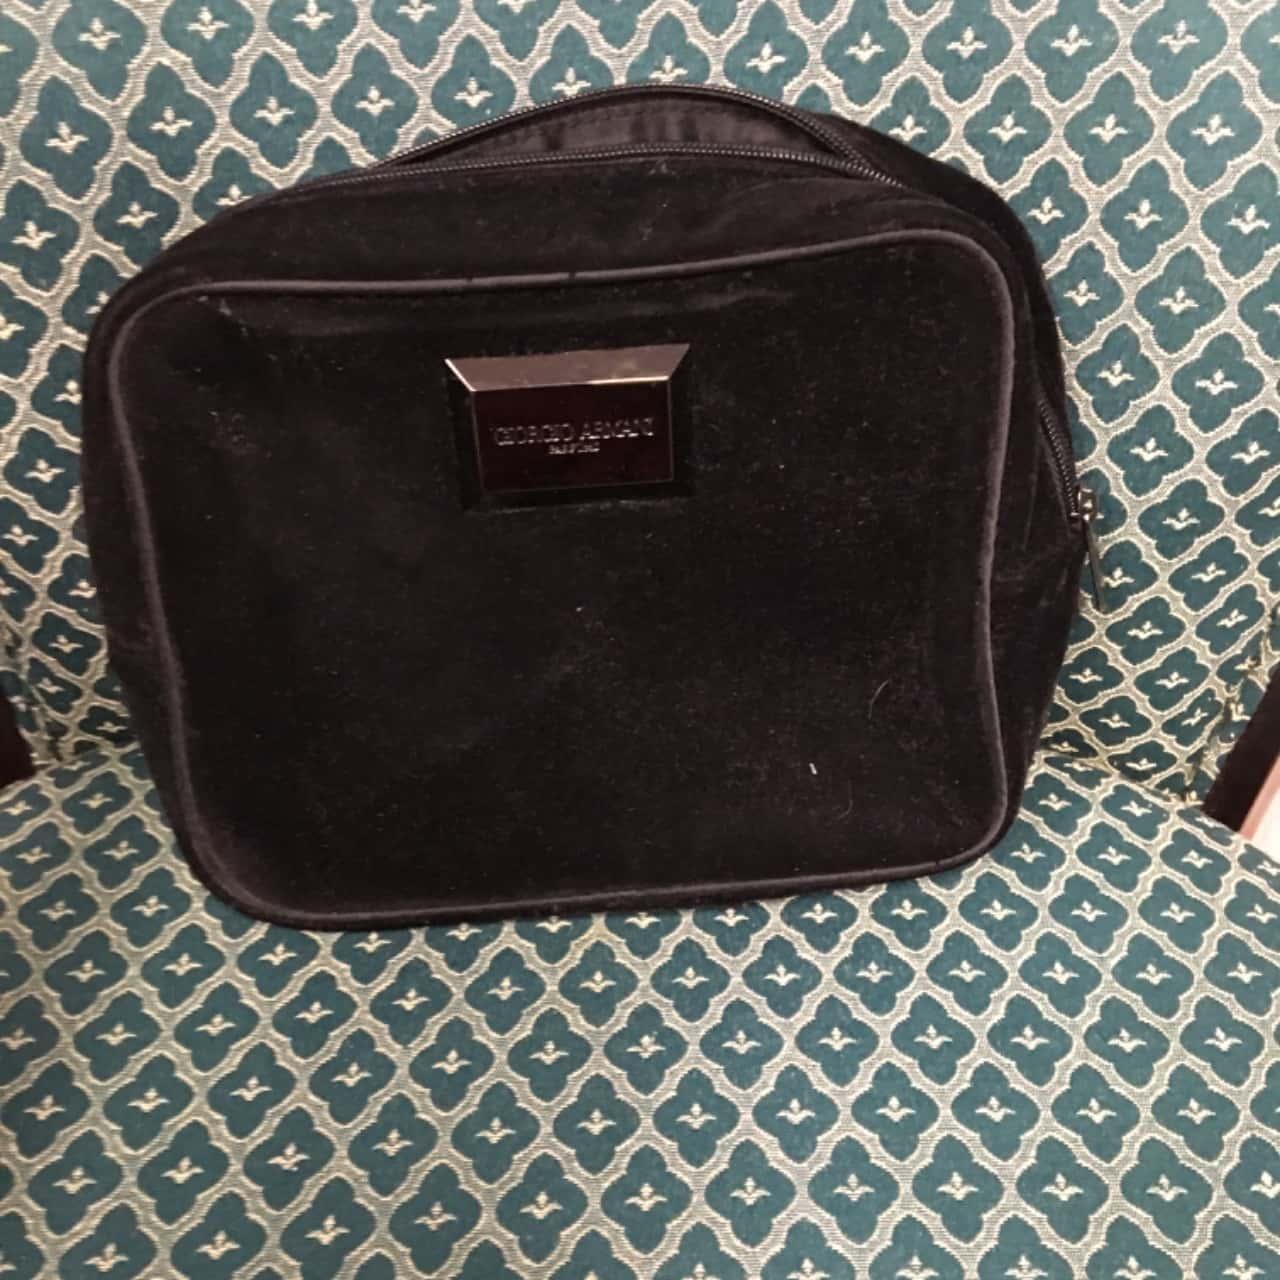 'Giorgio Armani' Black Makeup Bag